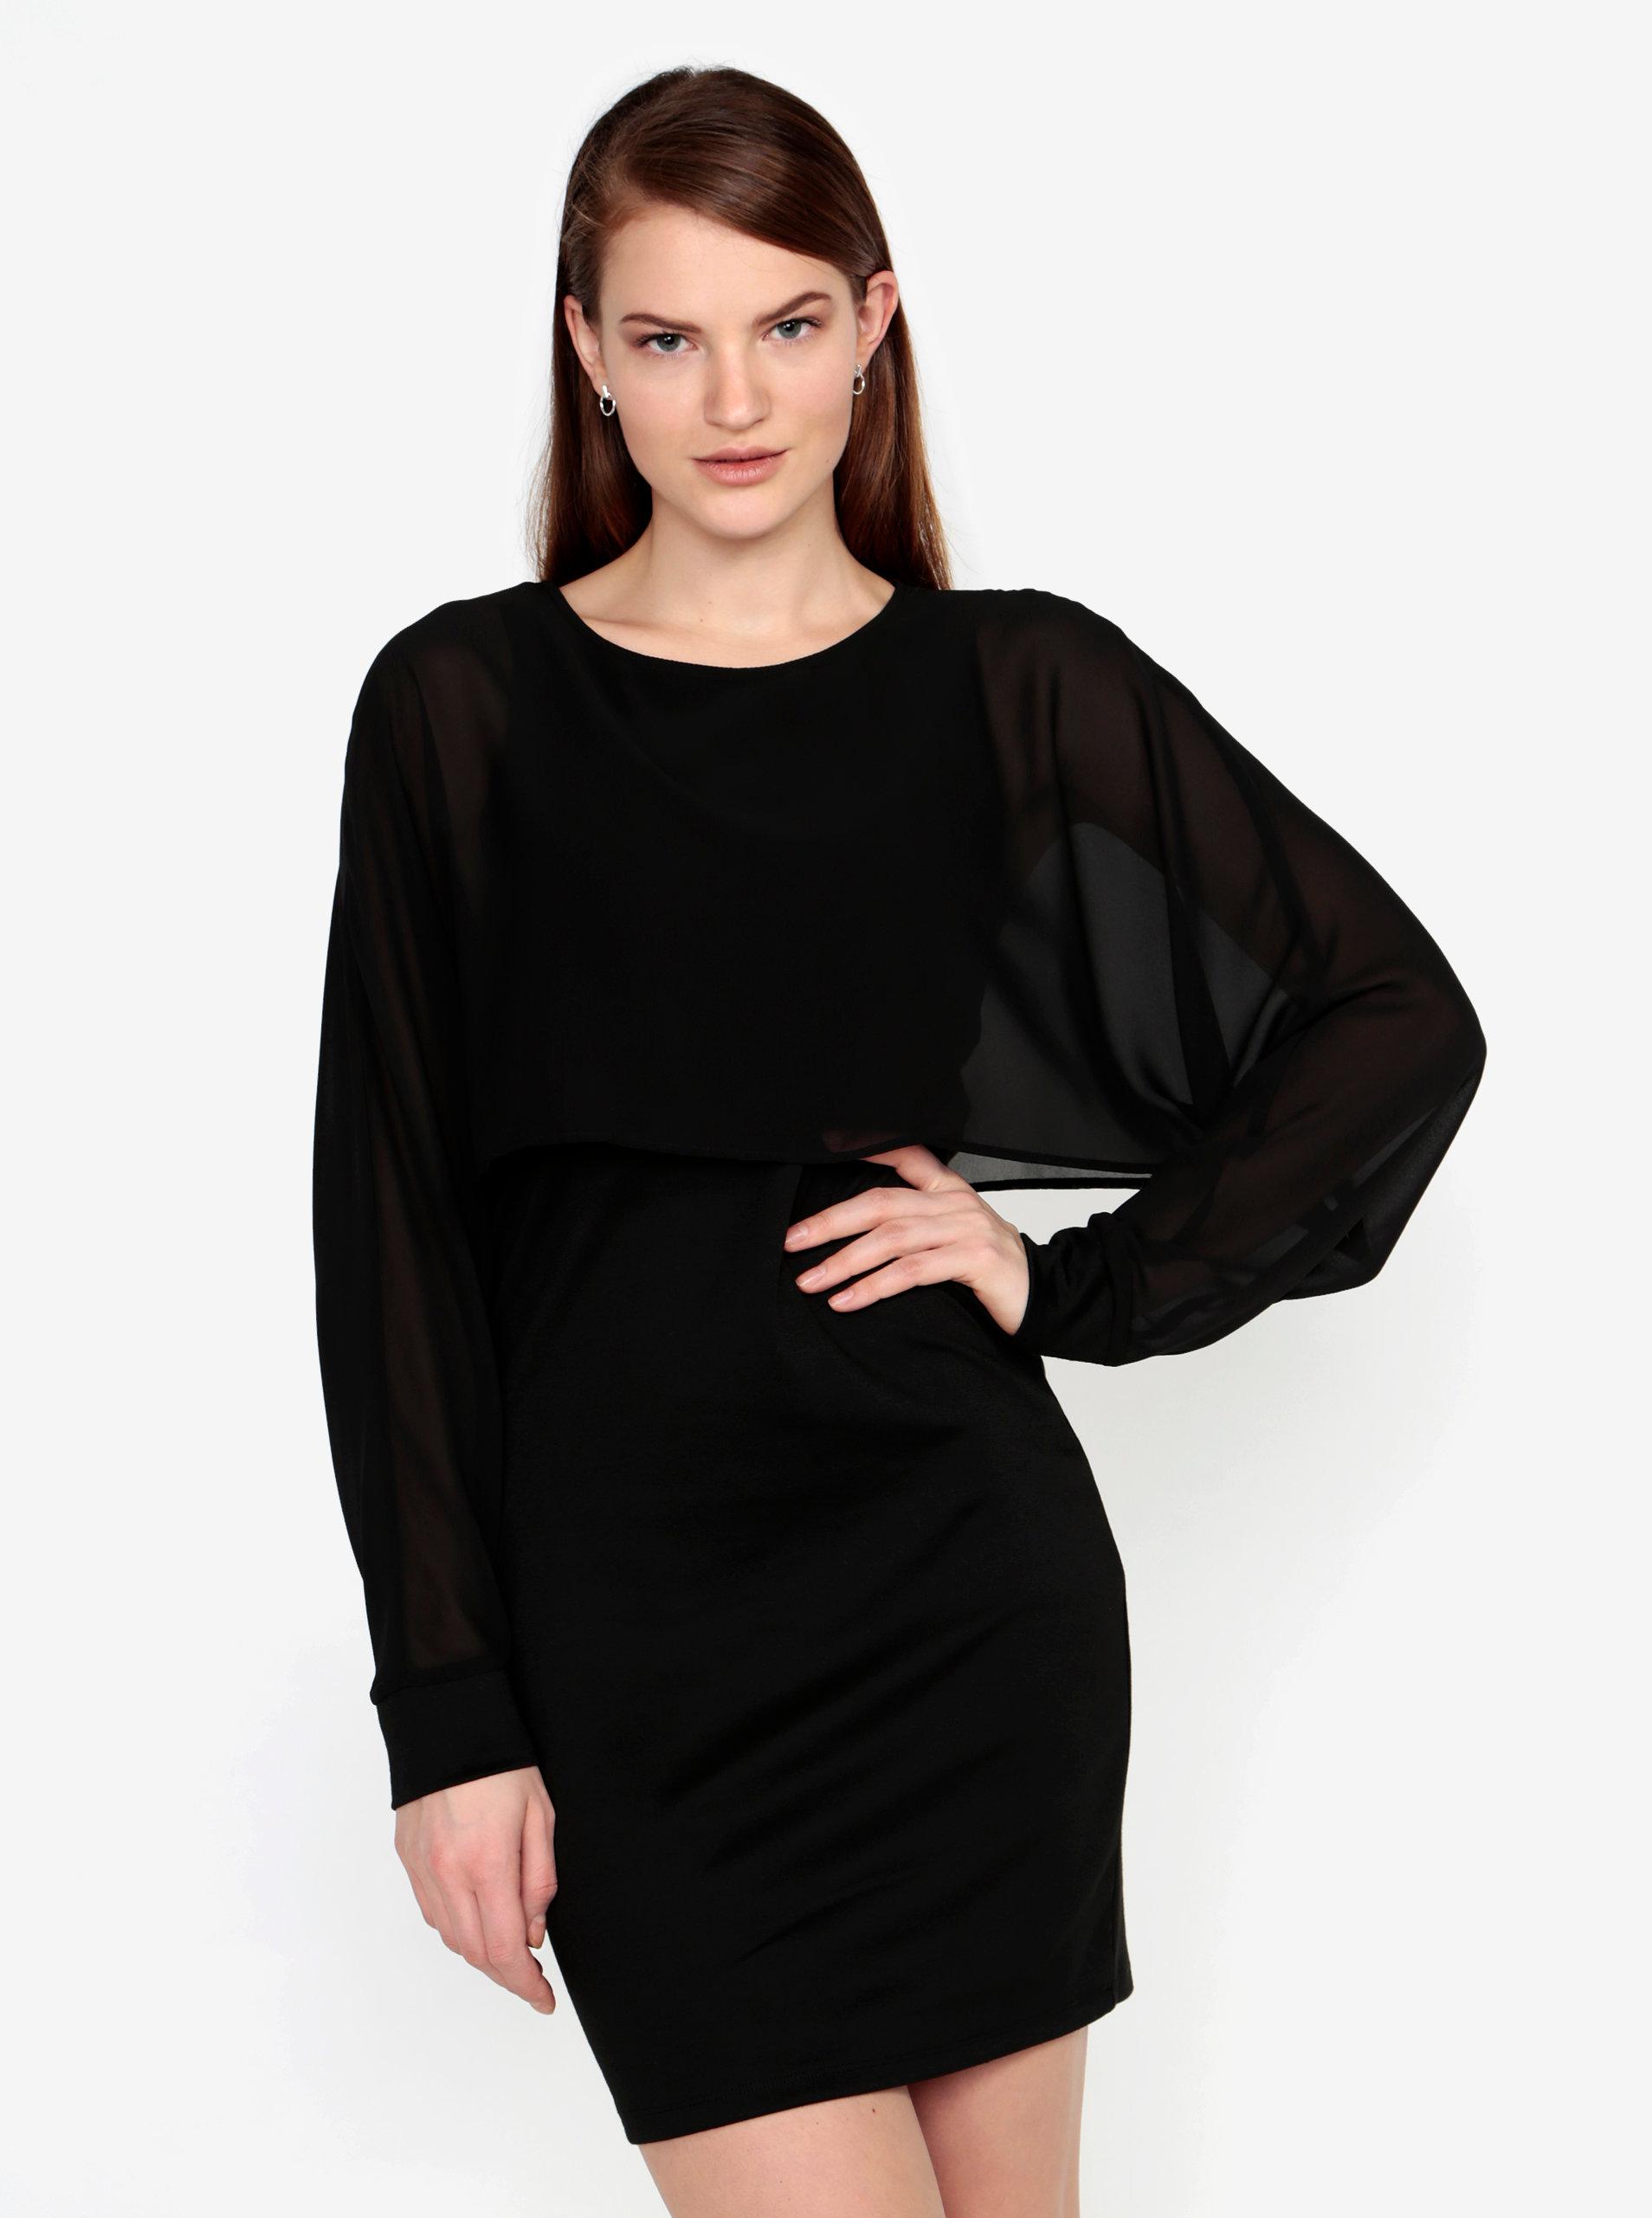 8b10a6b69df8 Černé šaty s průsvitným rukávem VERO MODA Ewa ...